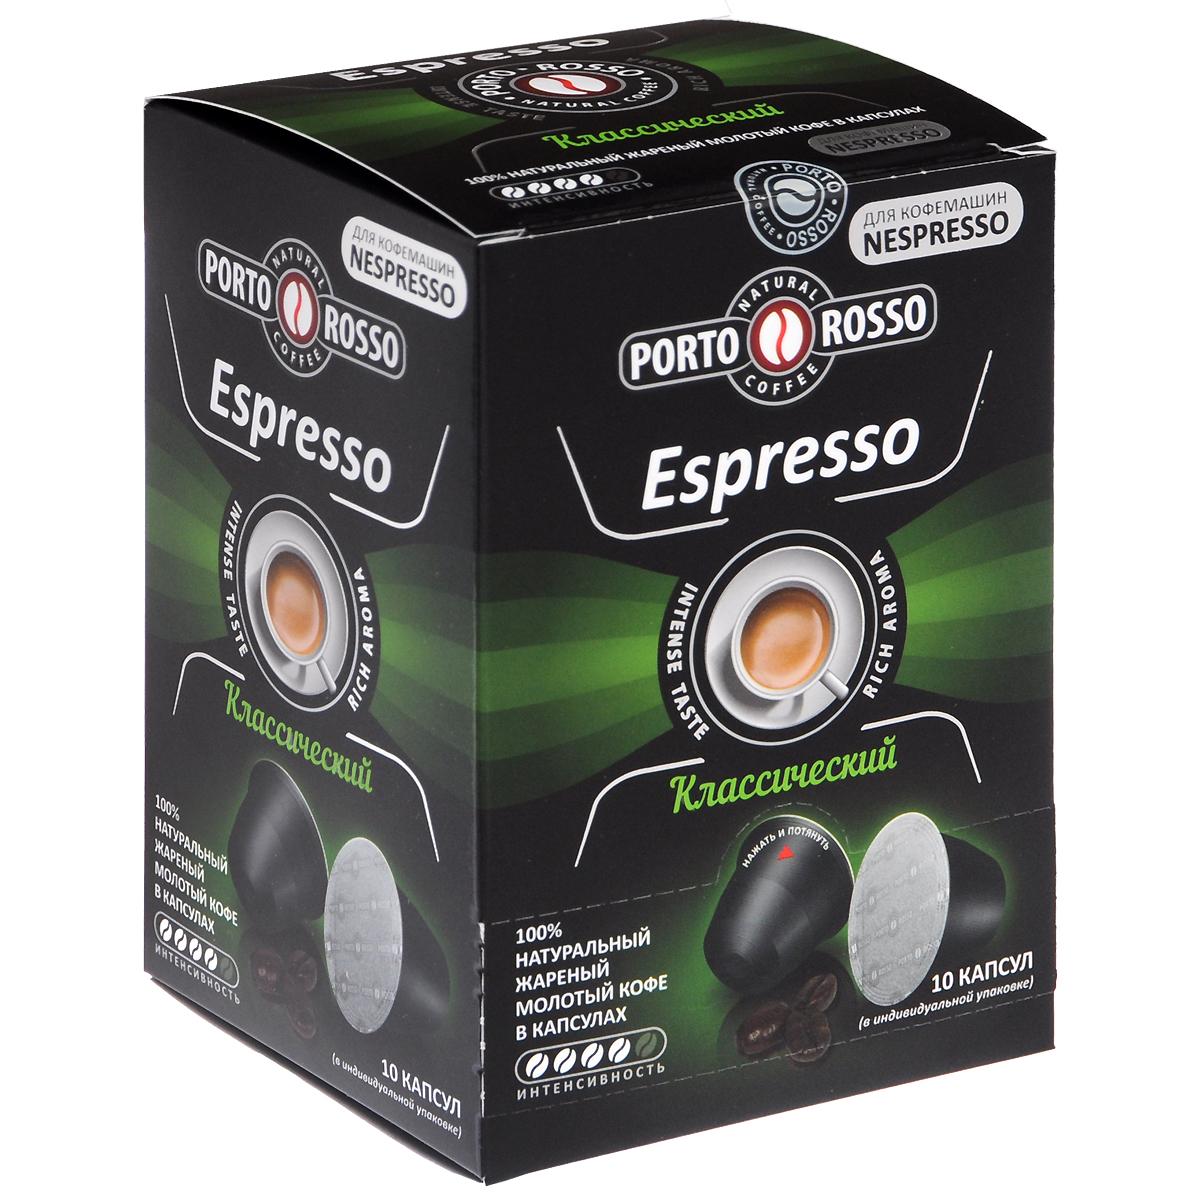 Porto Rosso Espresso кофейные капсулы4620014770124Кофе натуральный жареный молотый в капсулах Porto Rosso Espresso. Своим сбалансированным вкусом и бархатистой текстурой он обязан сочетанию индонезийской и южноамериканской арабики. Этот идеальный напиток создан лучшими итальянскими бариста для тех, кто предпочитает кофе средней крепости.